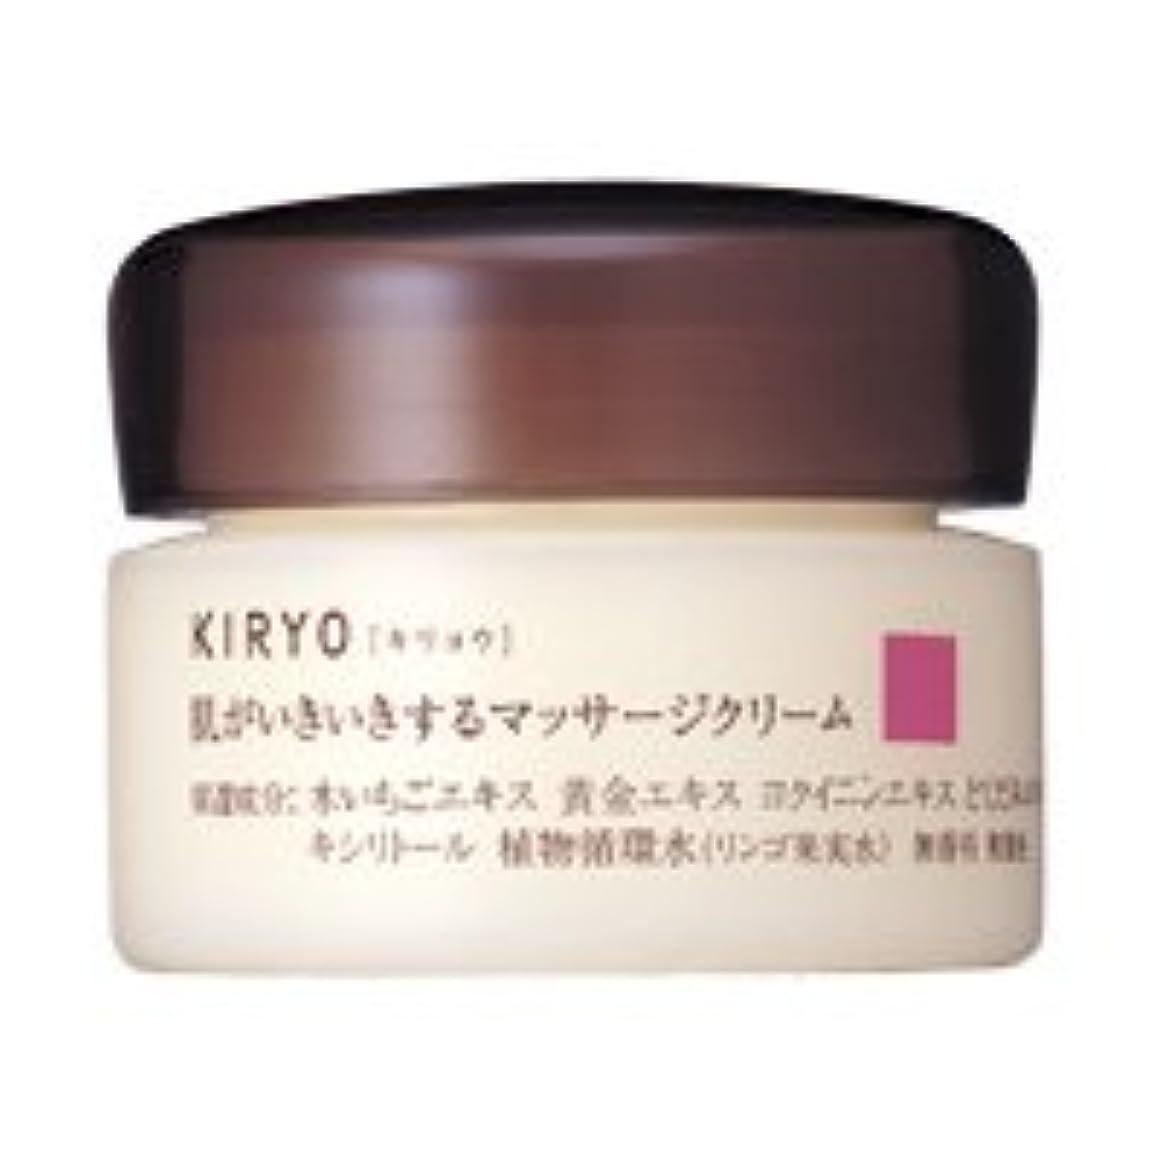 割り込み署名ヒゲ【資生堂】キリョウ マッサージクリーム 100g